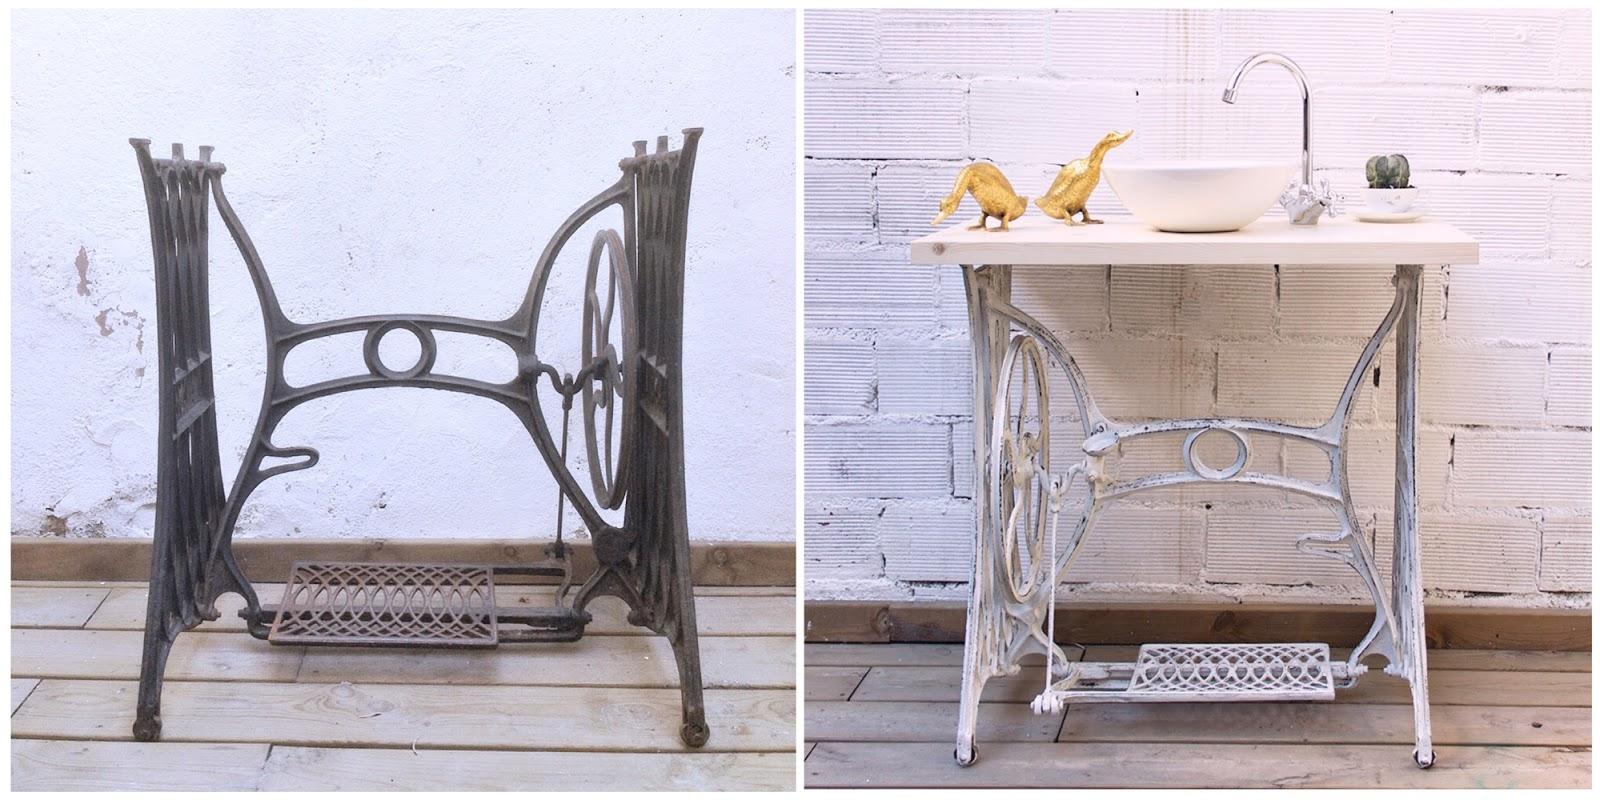 Antes y después - Pie de máquina de coser transformado en mueble baño